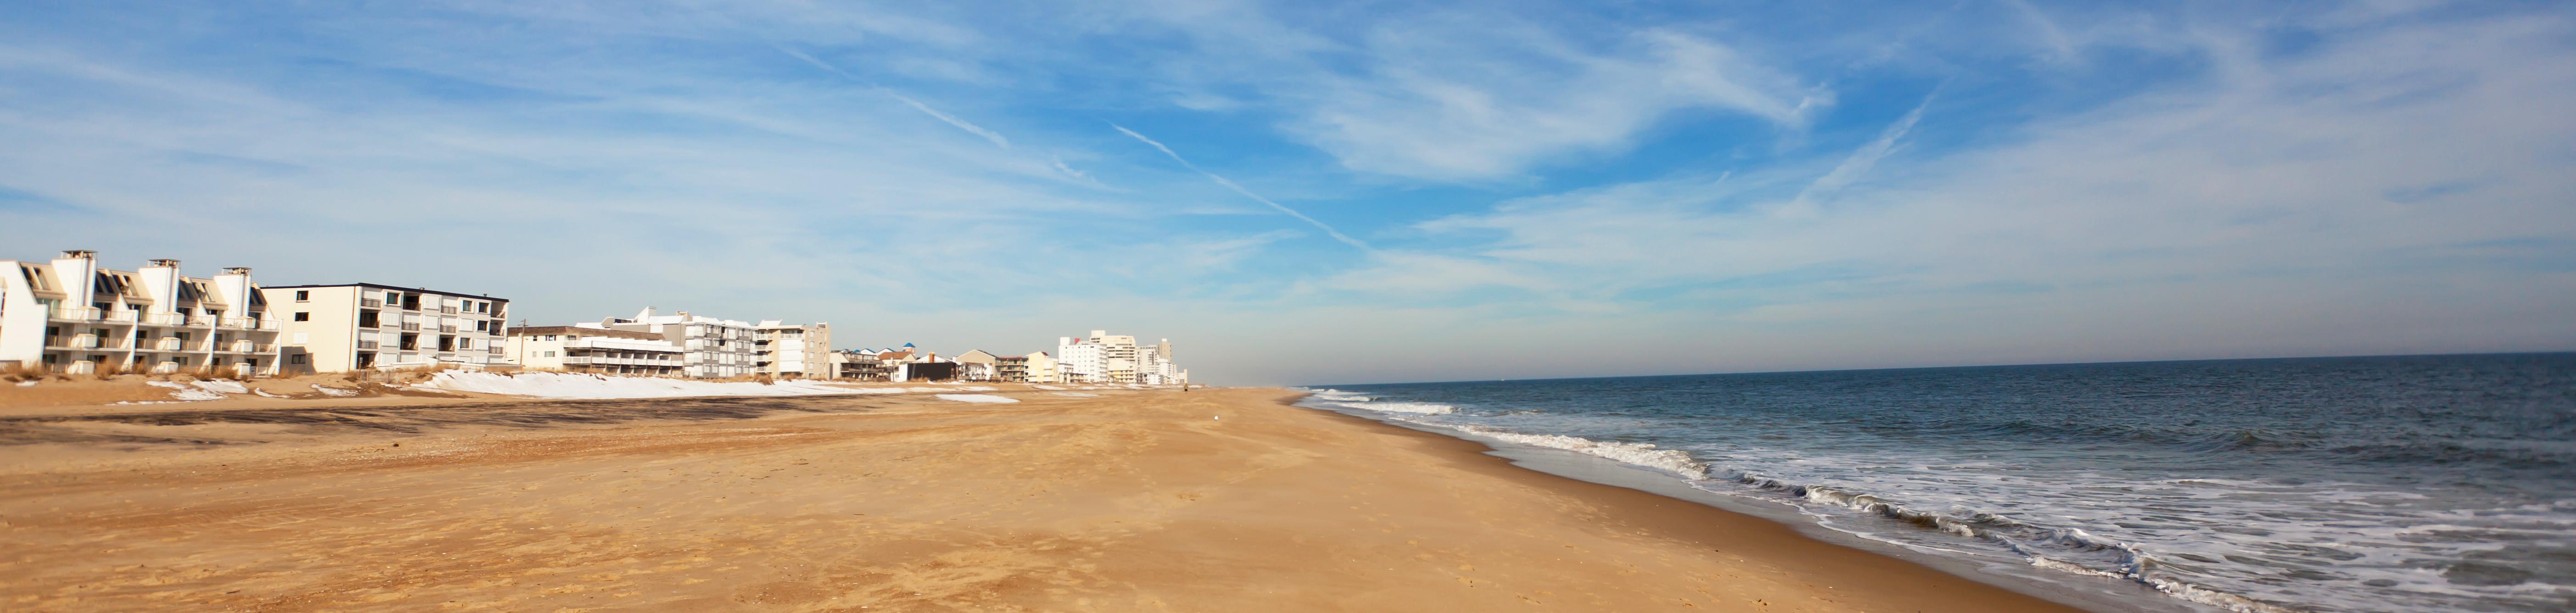 seaside coast inn rental oregon vacation oceanview rentals comforter comfort